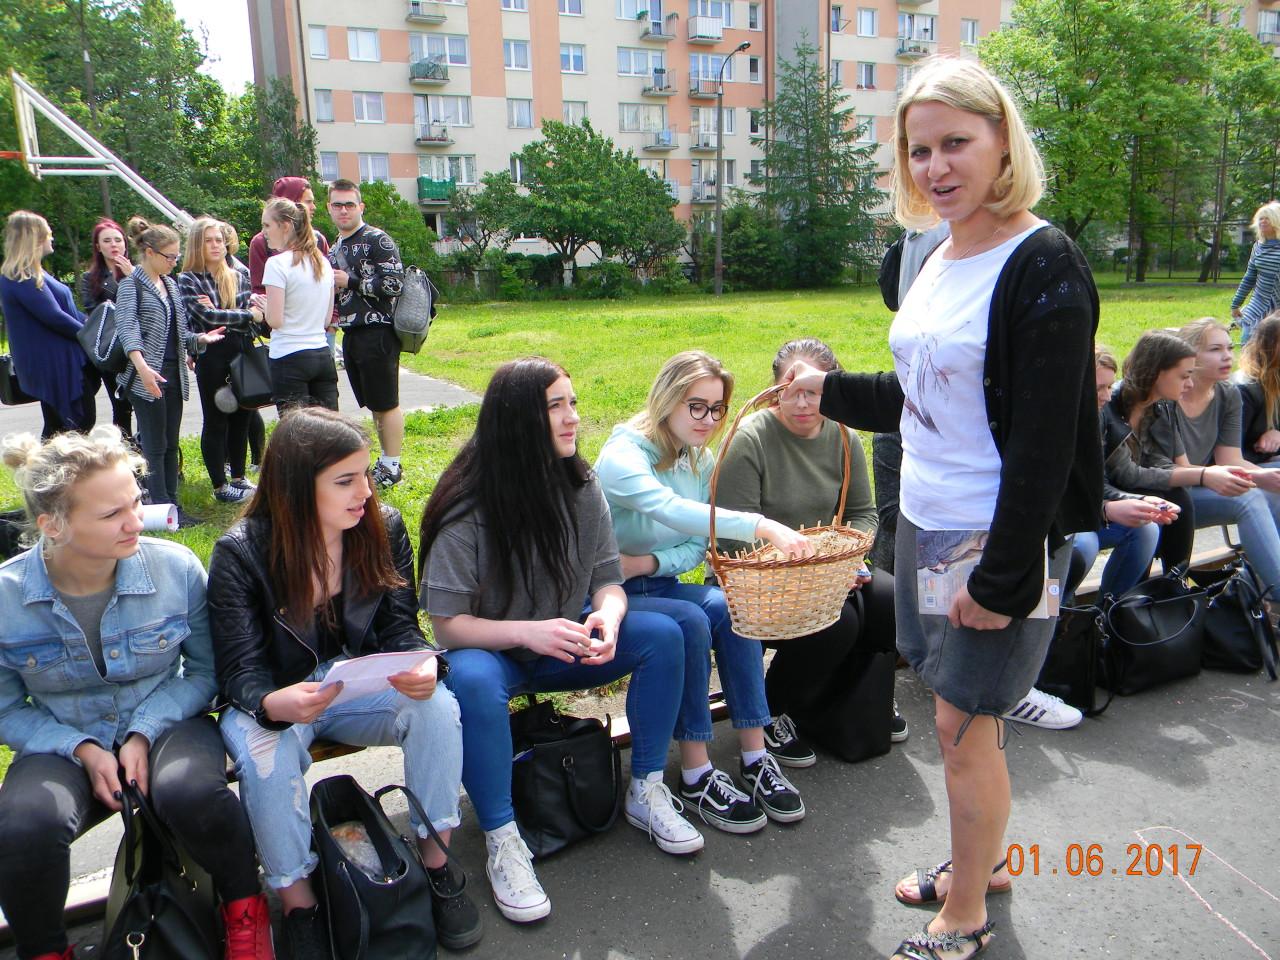 Fot. Krystyna Bednarek